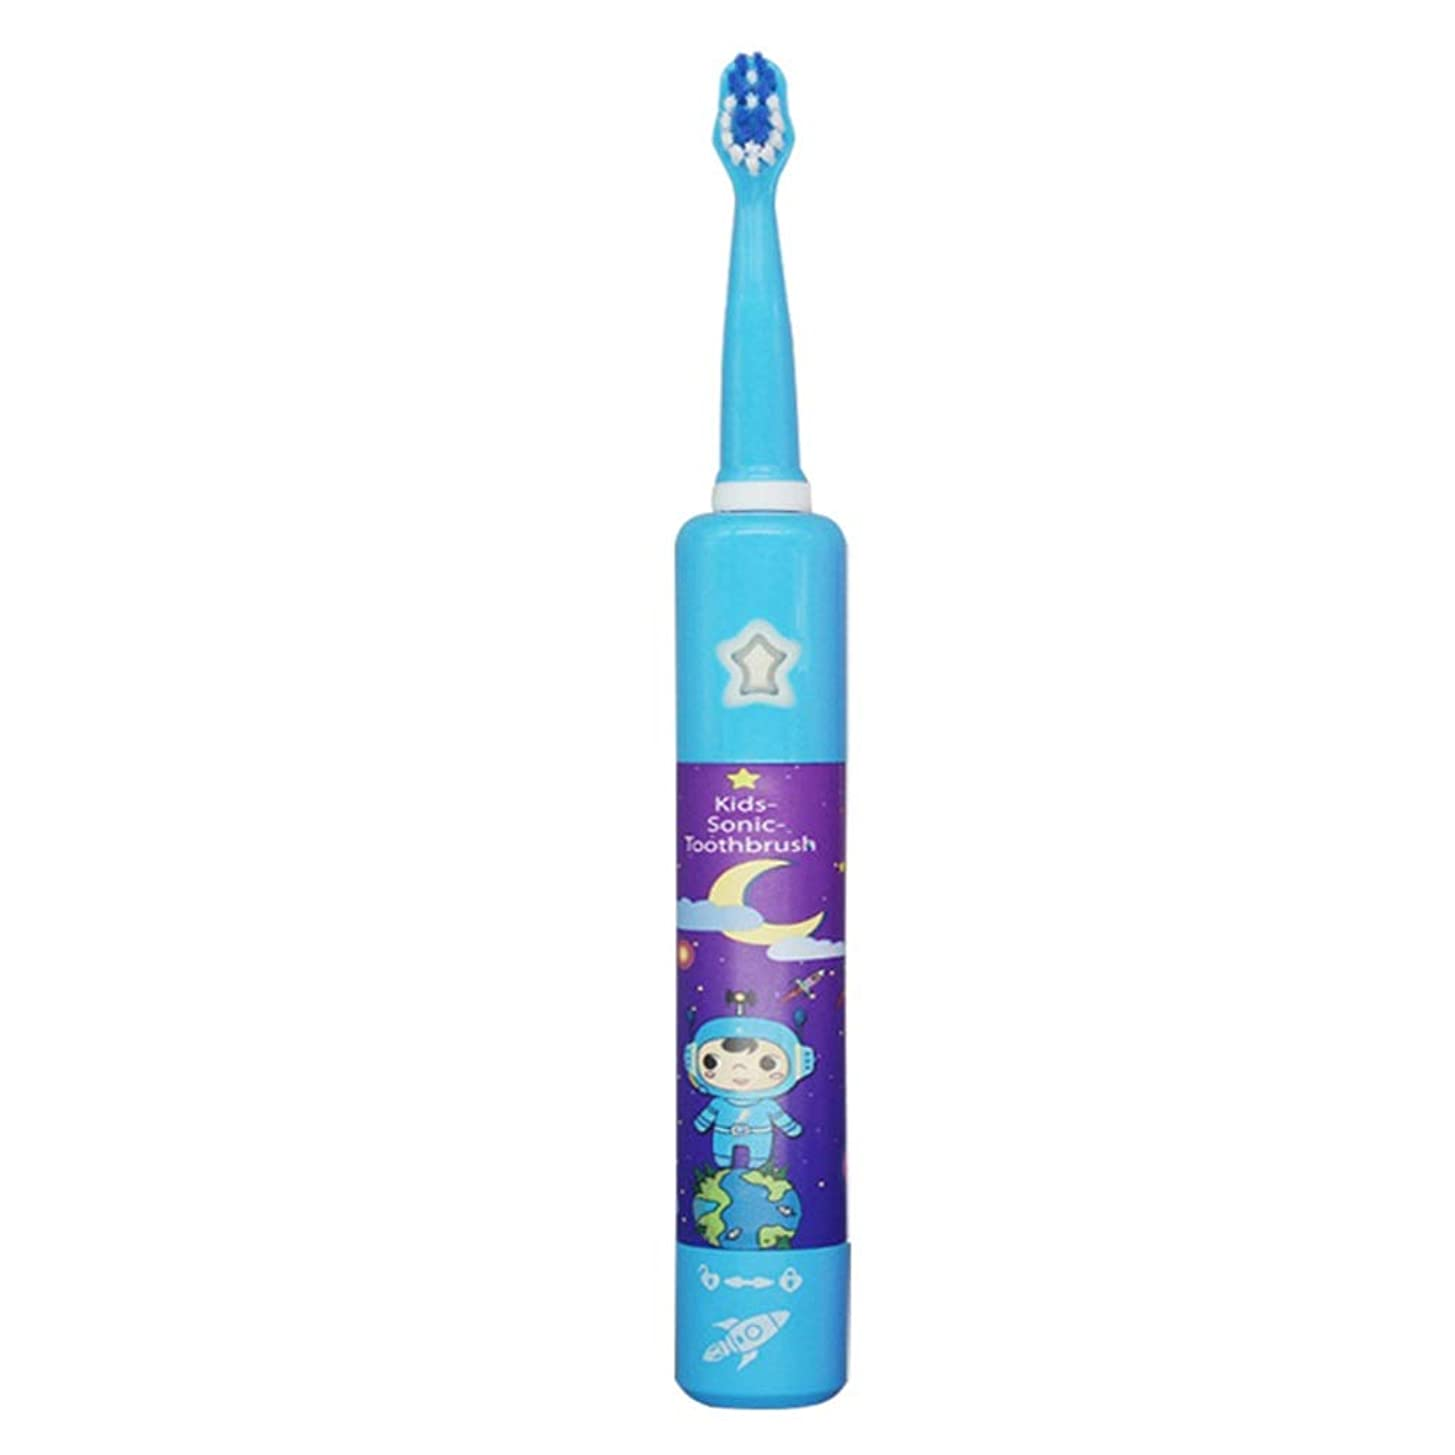 コショウ告発者家事をする子供の電気USB充電式歯ブラシかわいい柔らかい髪音楽歯ブラシホルダーと1つの交換用ヘッド (色 : 青, サイズ : Free size)